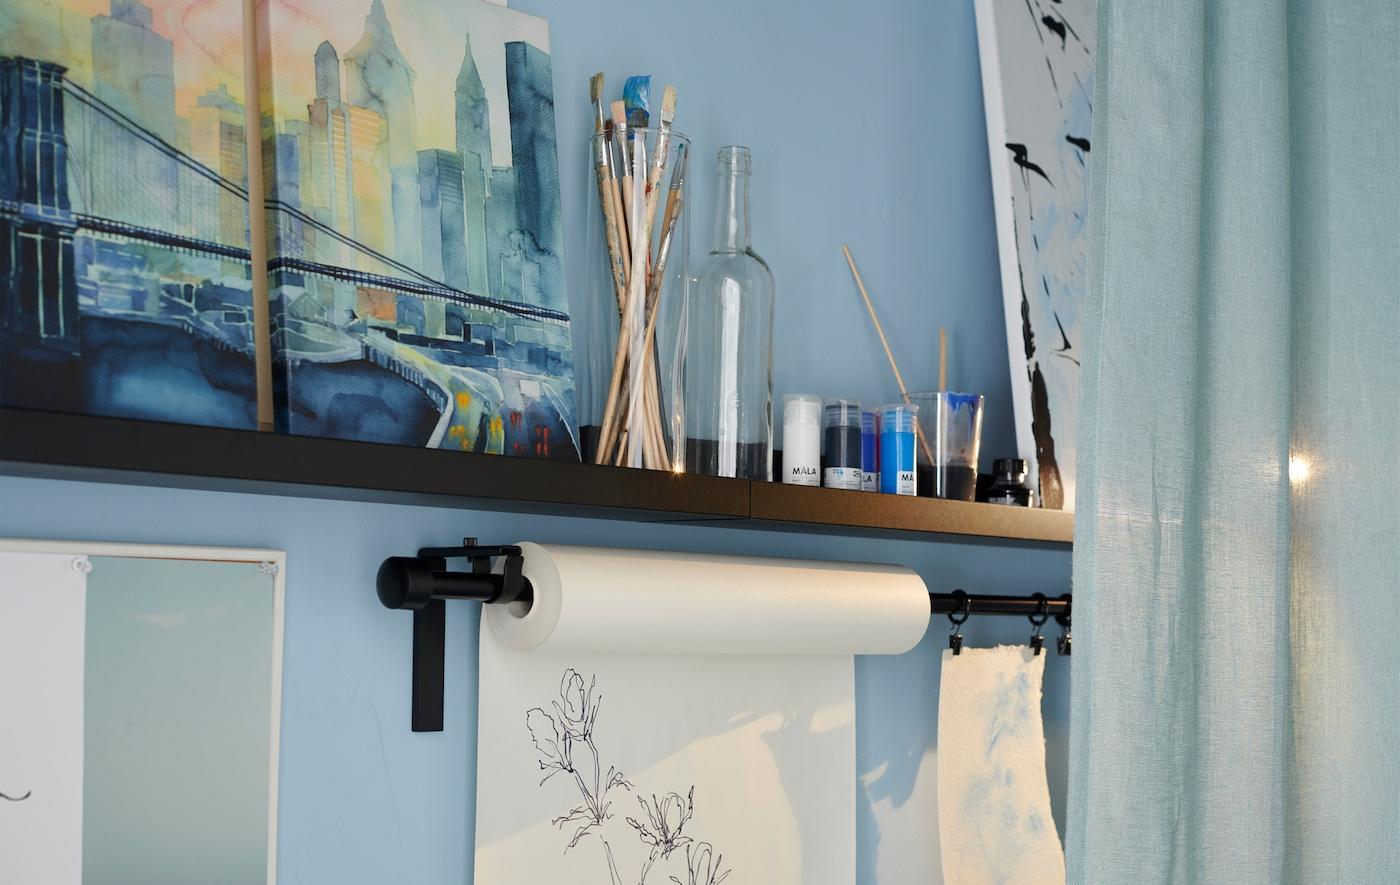 شجّع الإبداع مع حائط فني دائم يمكنك إنشاؤه في لحظة! ما عليك سوى عرض قطعك الفنية على رف صور أنيق مثل رف MOSSLANDA الأسود من ايكيا.